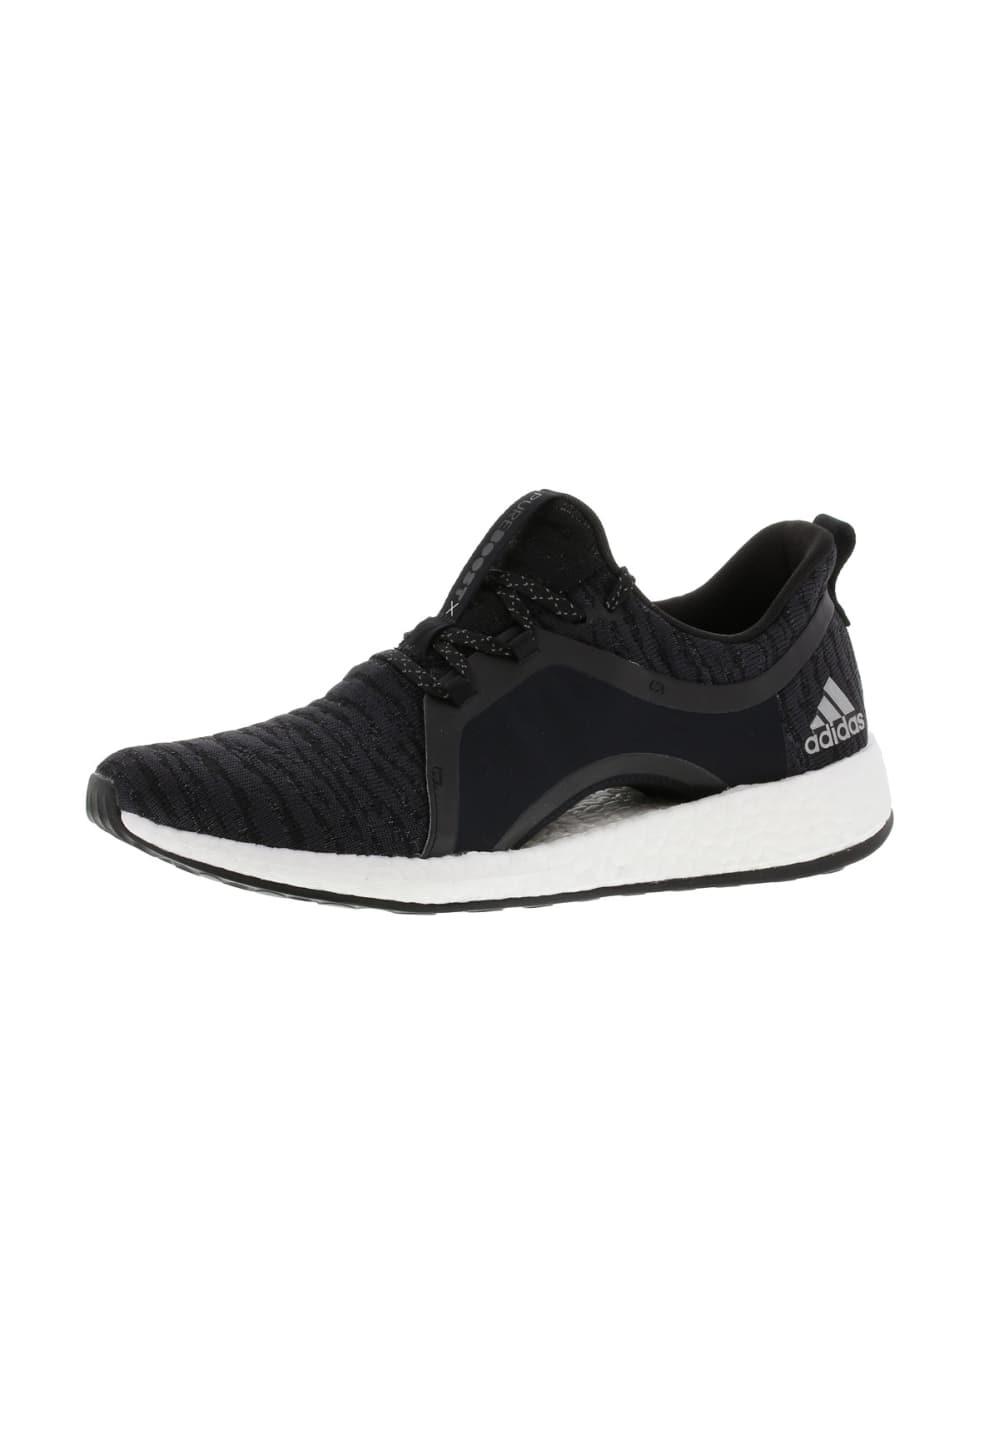 adidas Pure Boost X - Laufschuhe für Damen - Schwarz